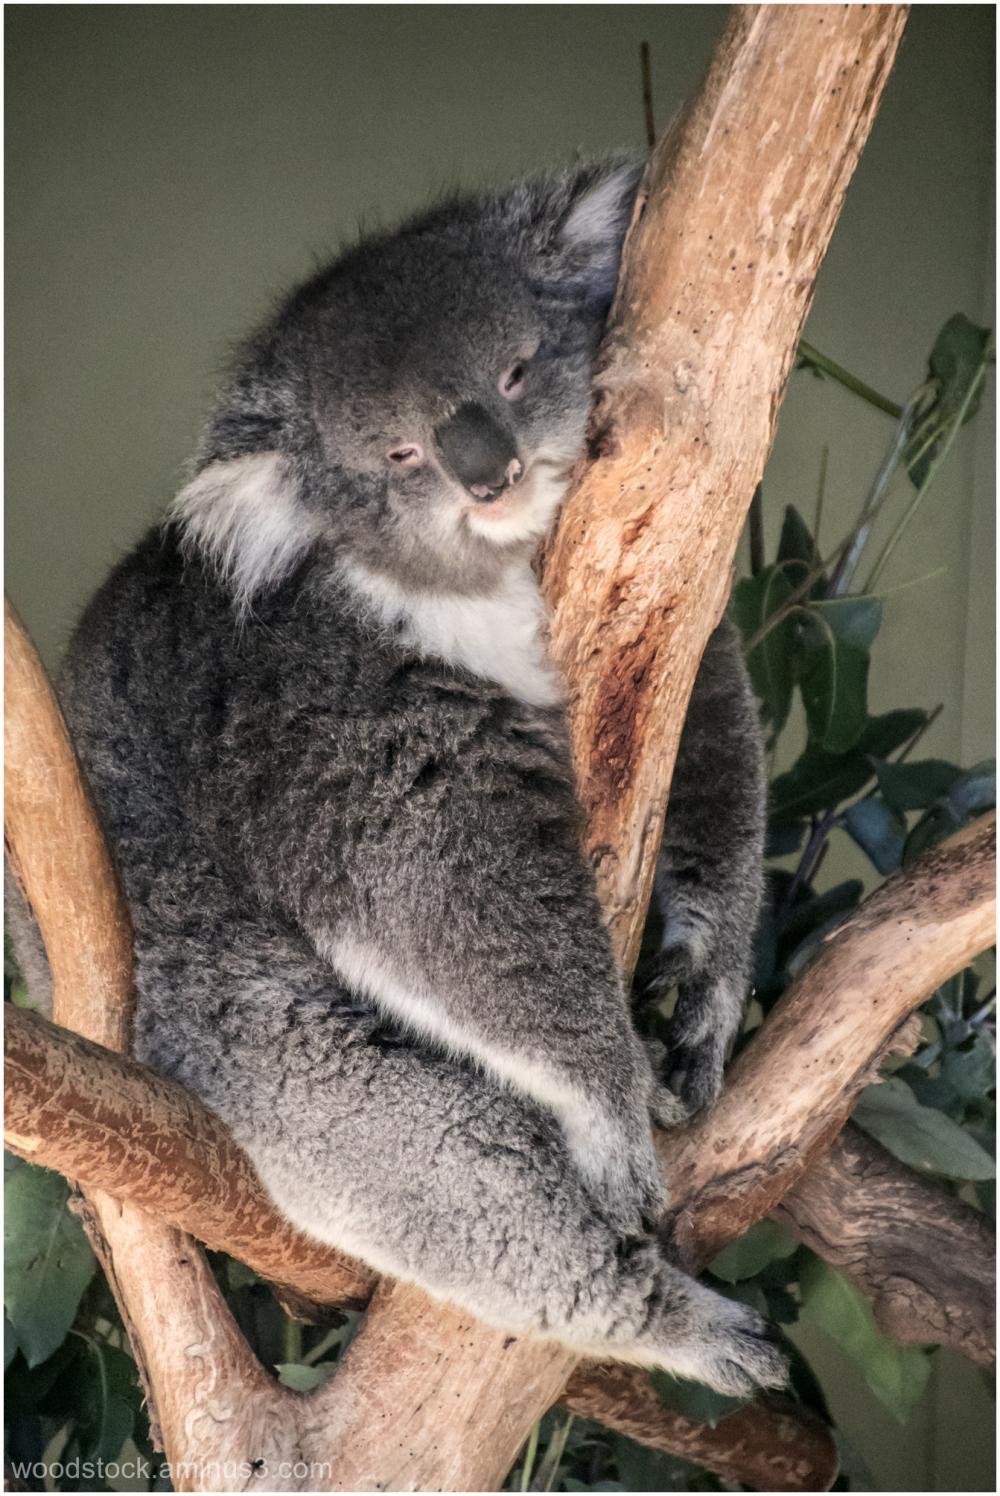 Doing What Koalas Do Best